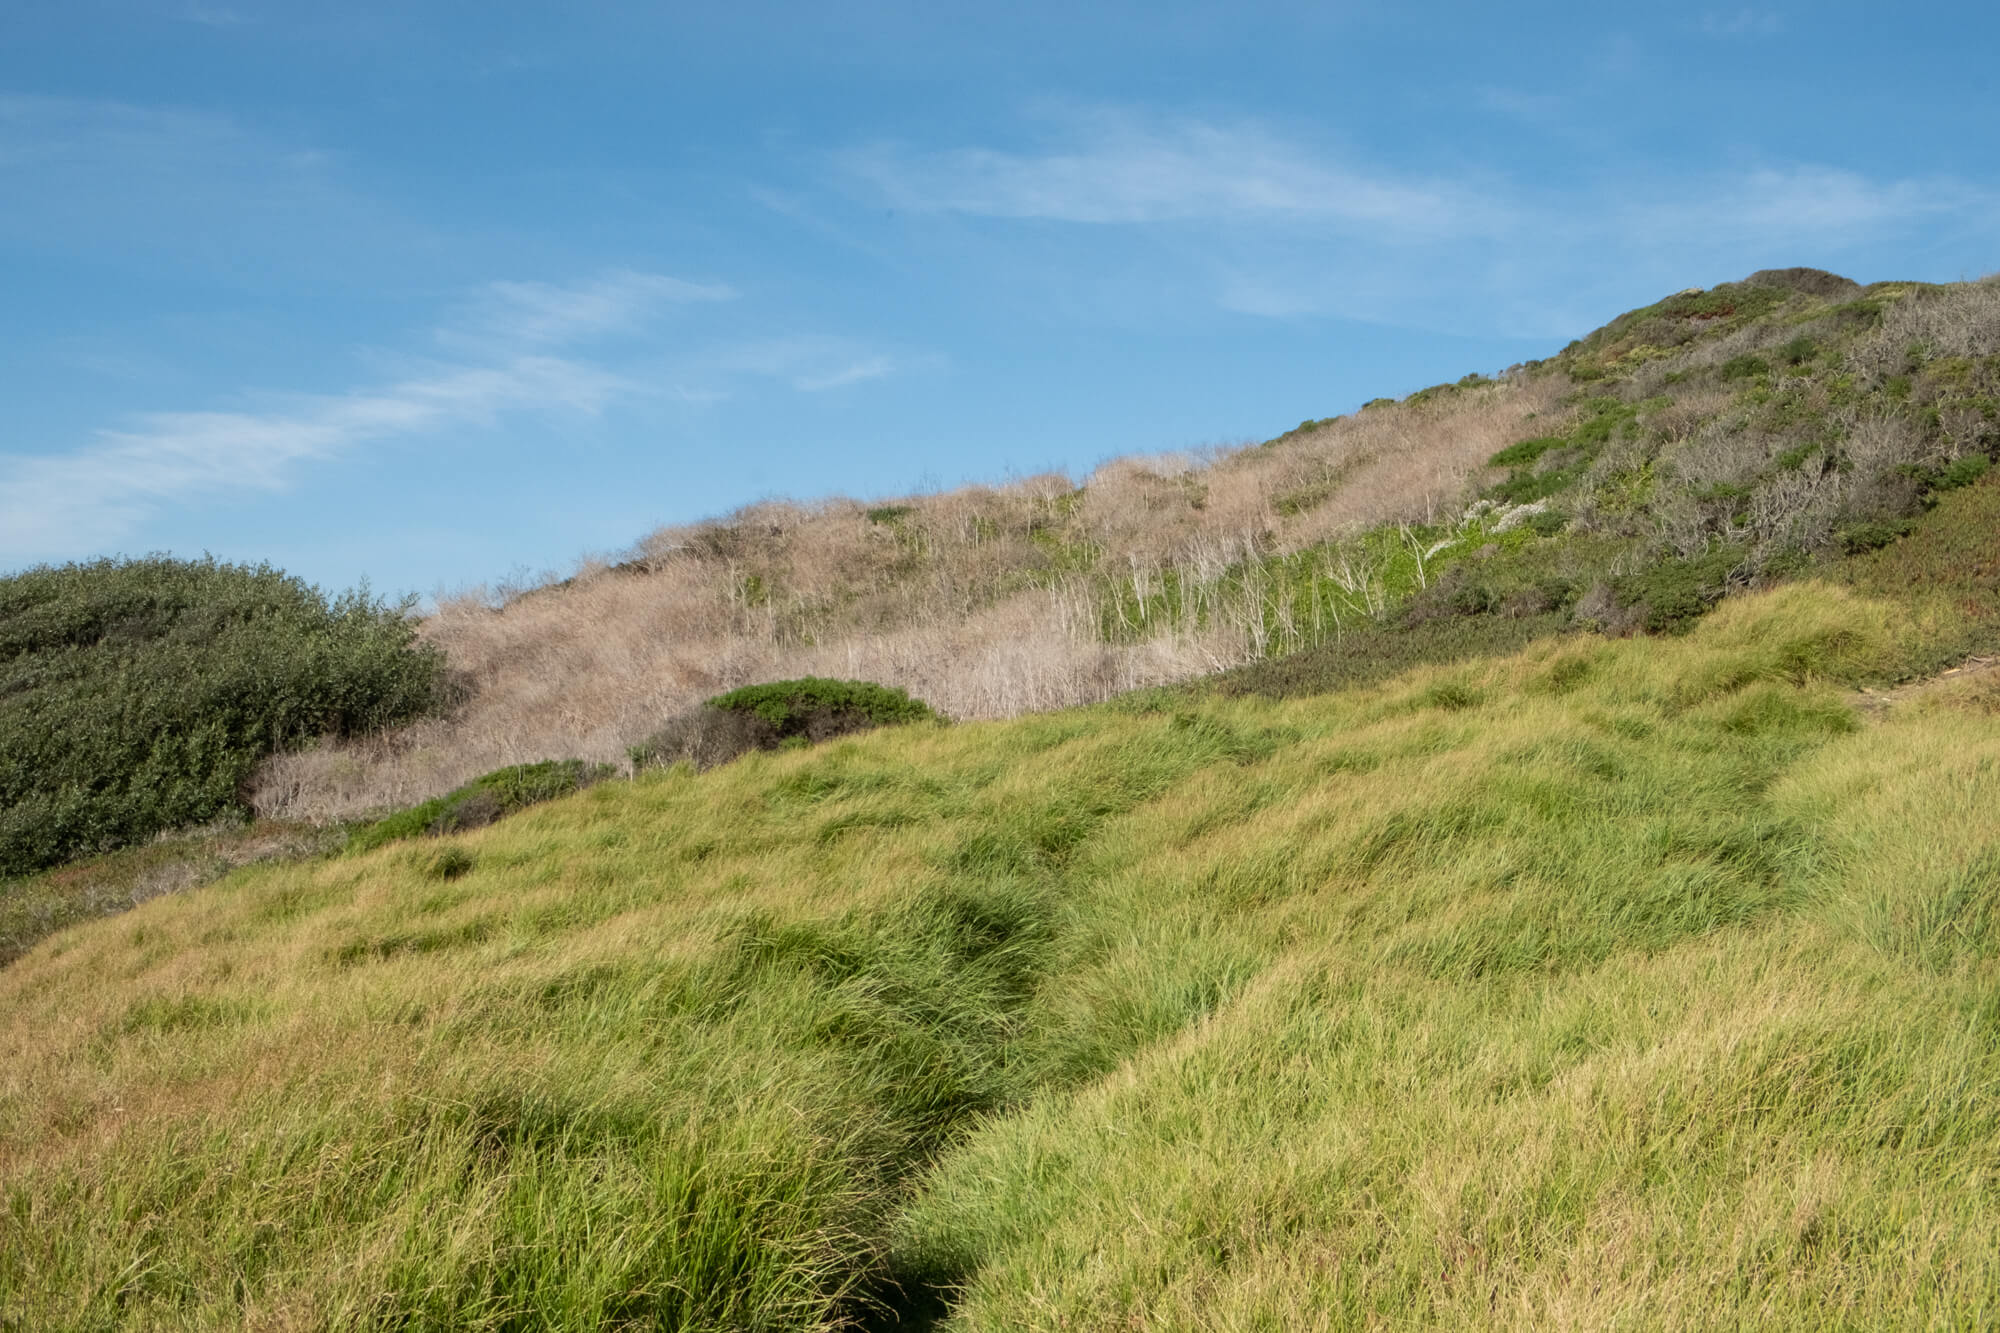 Grassy Knoll